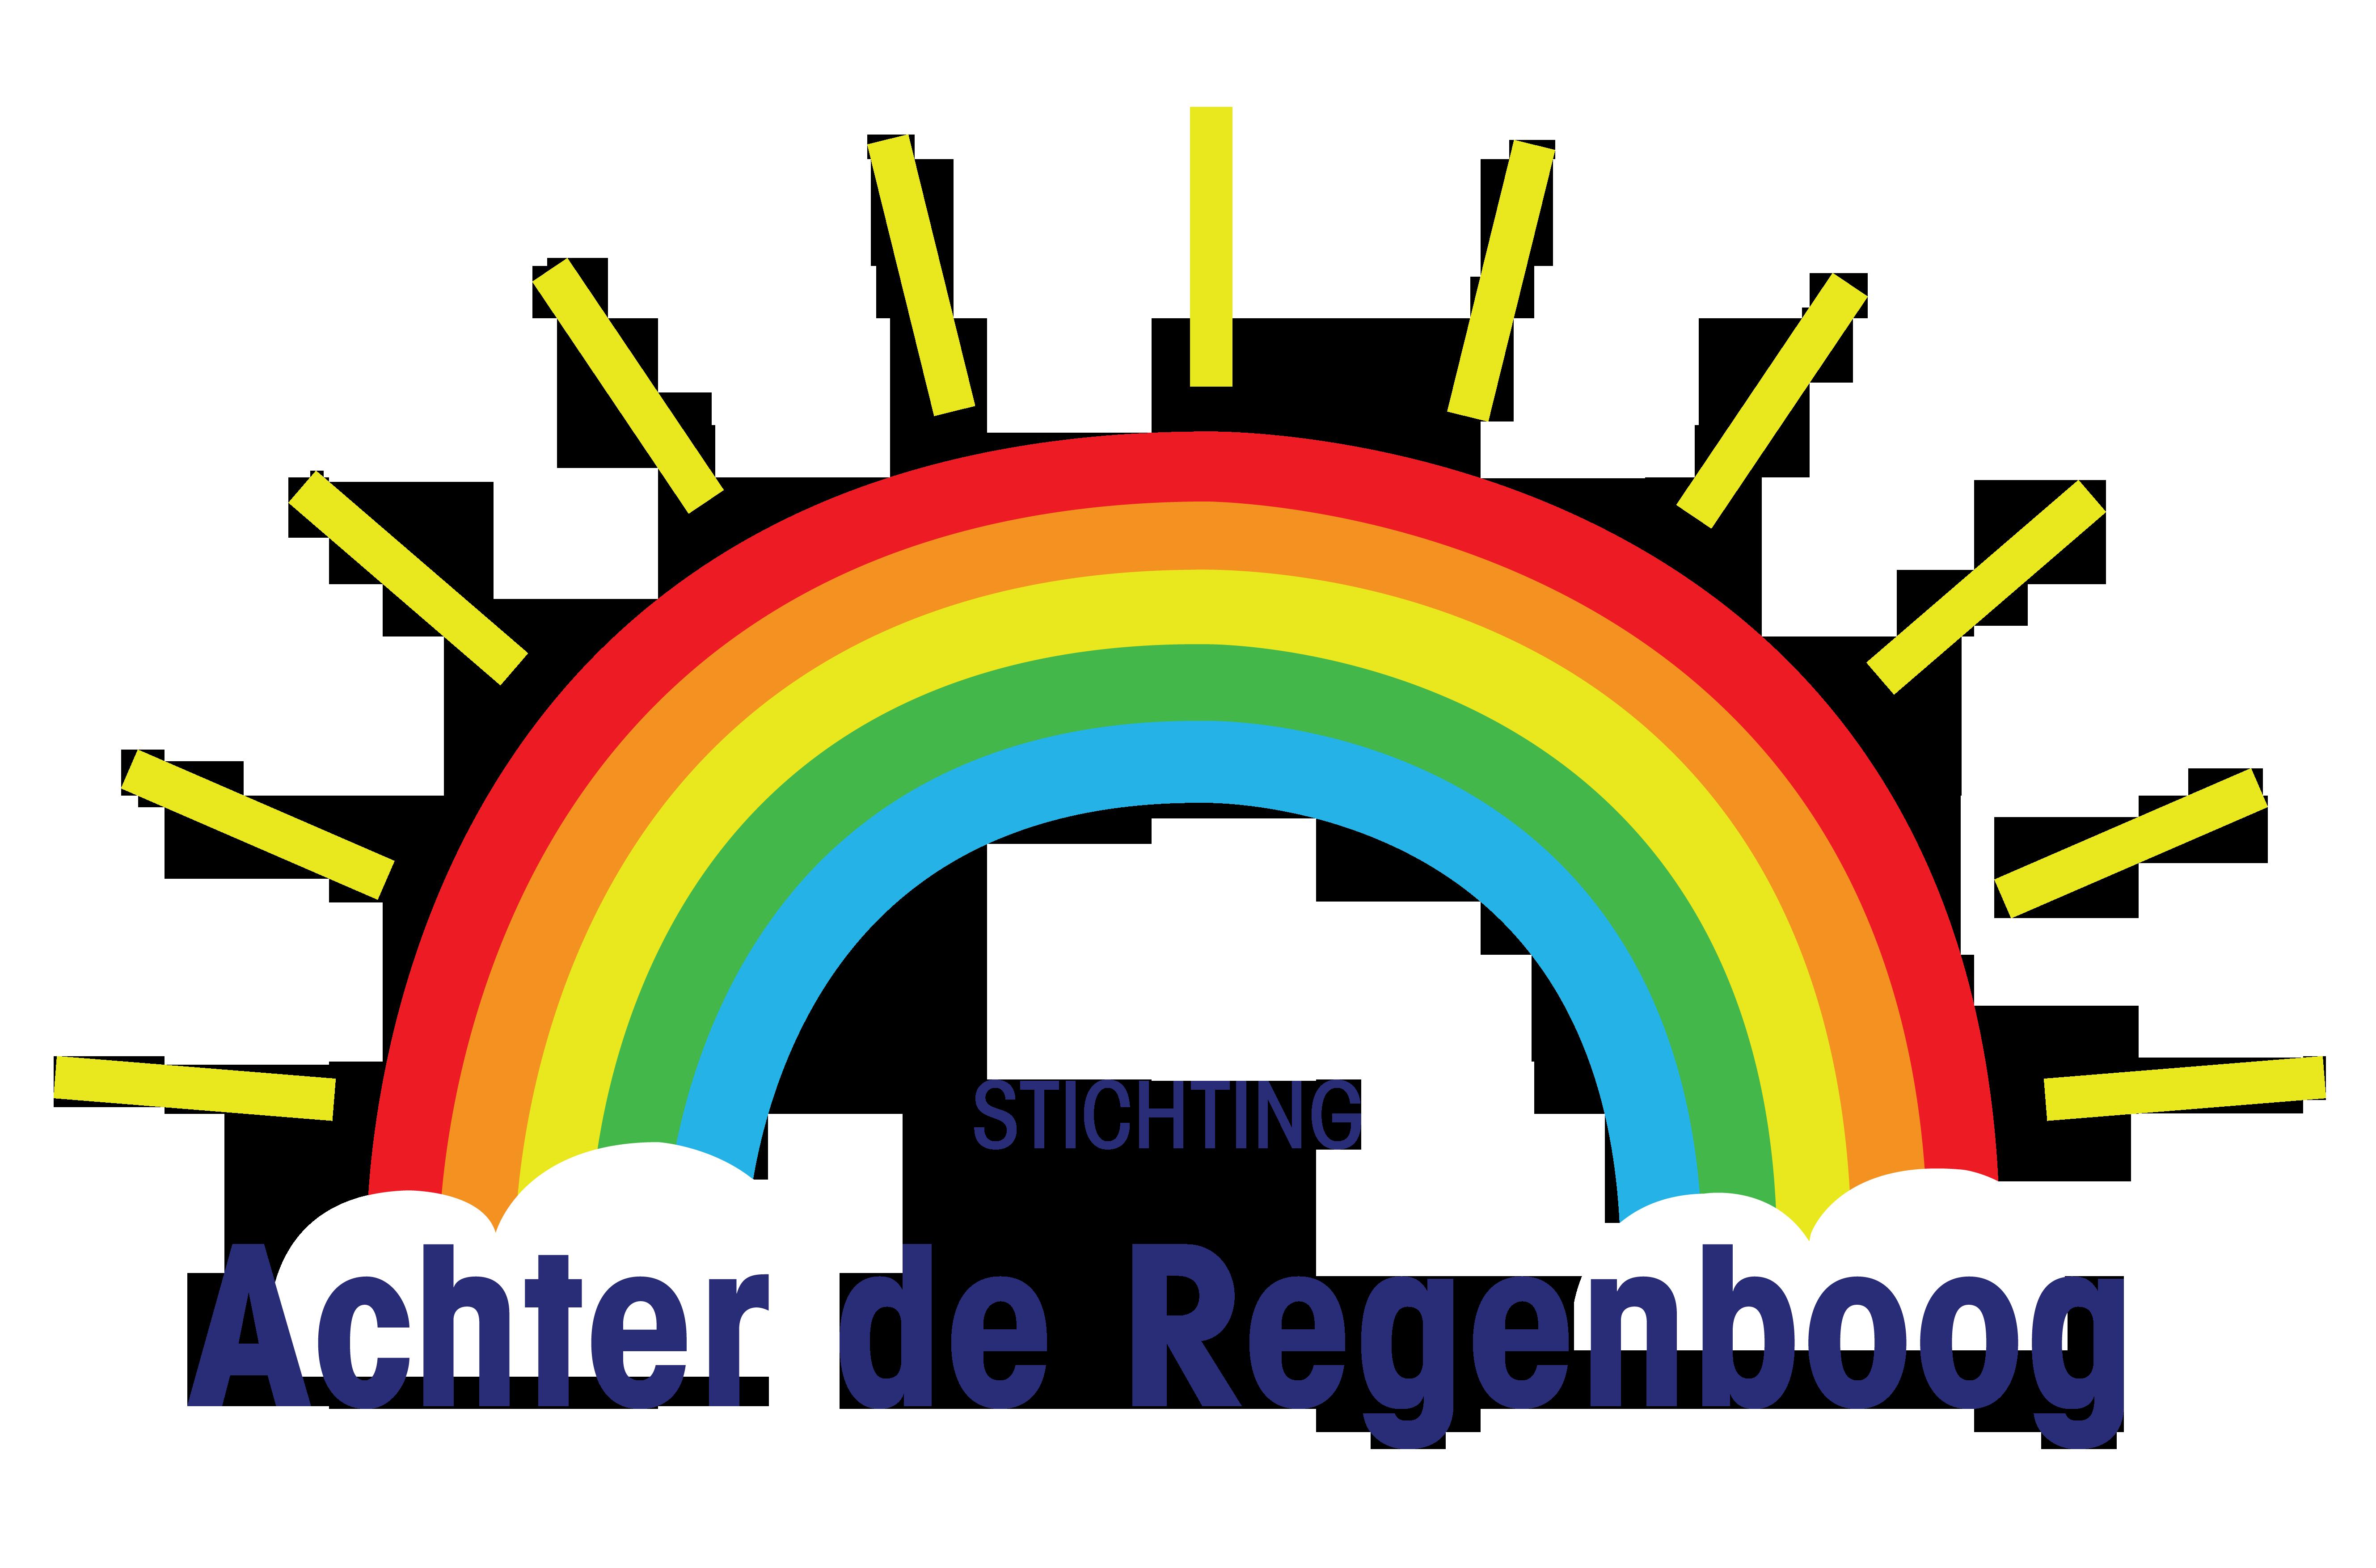 Stichting De Regenboog